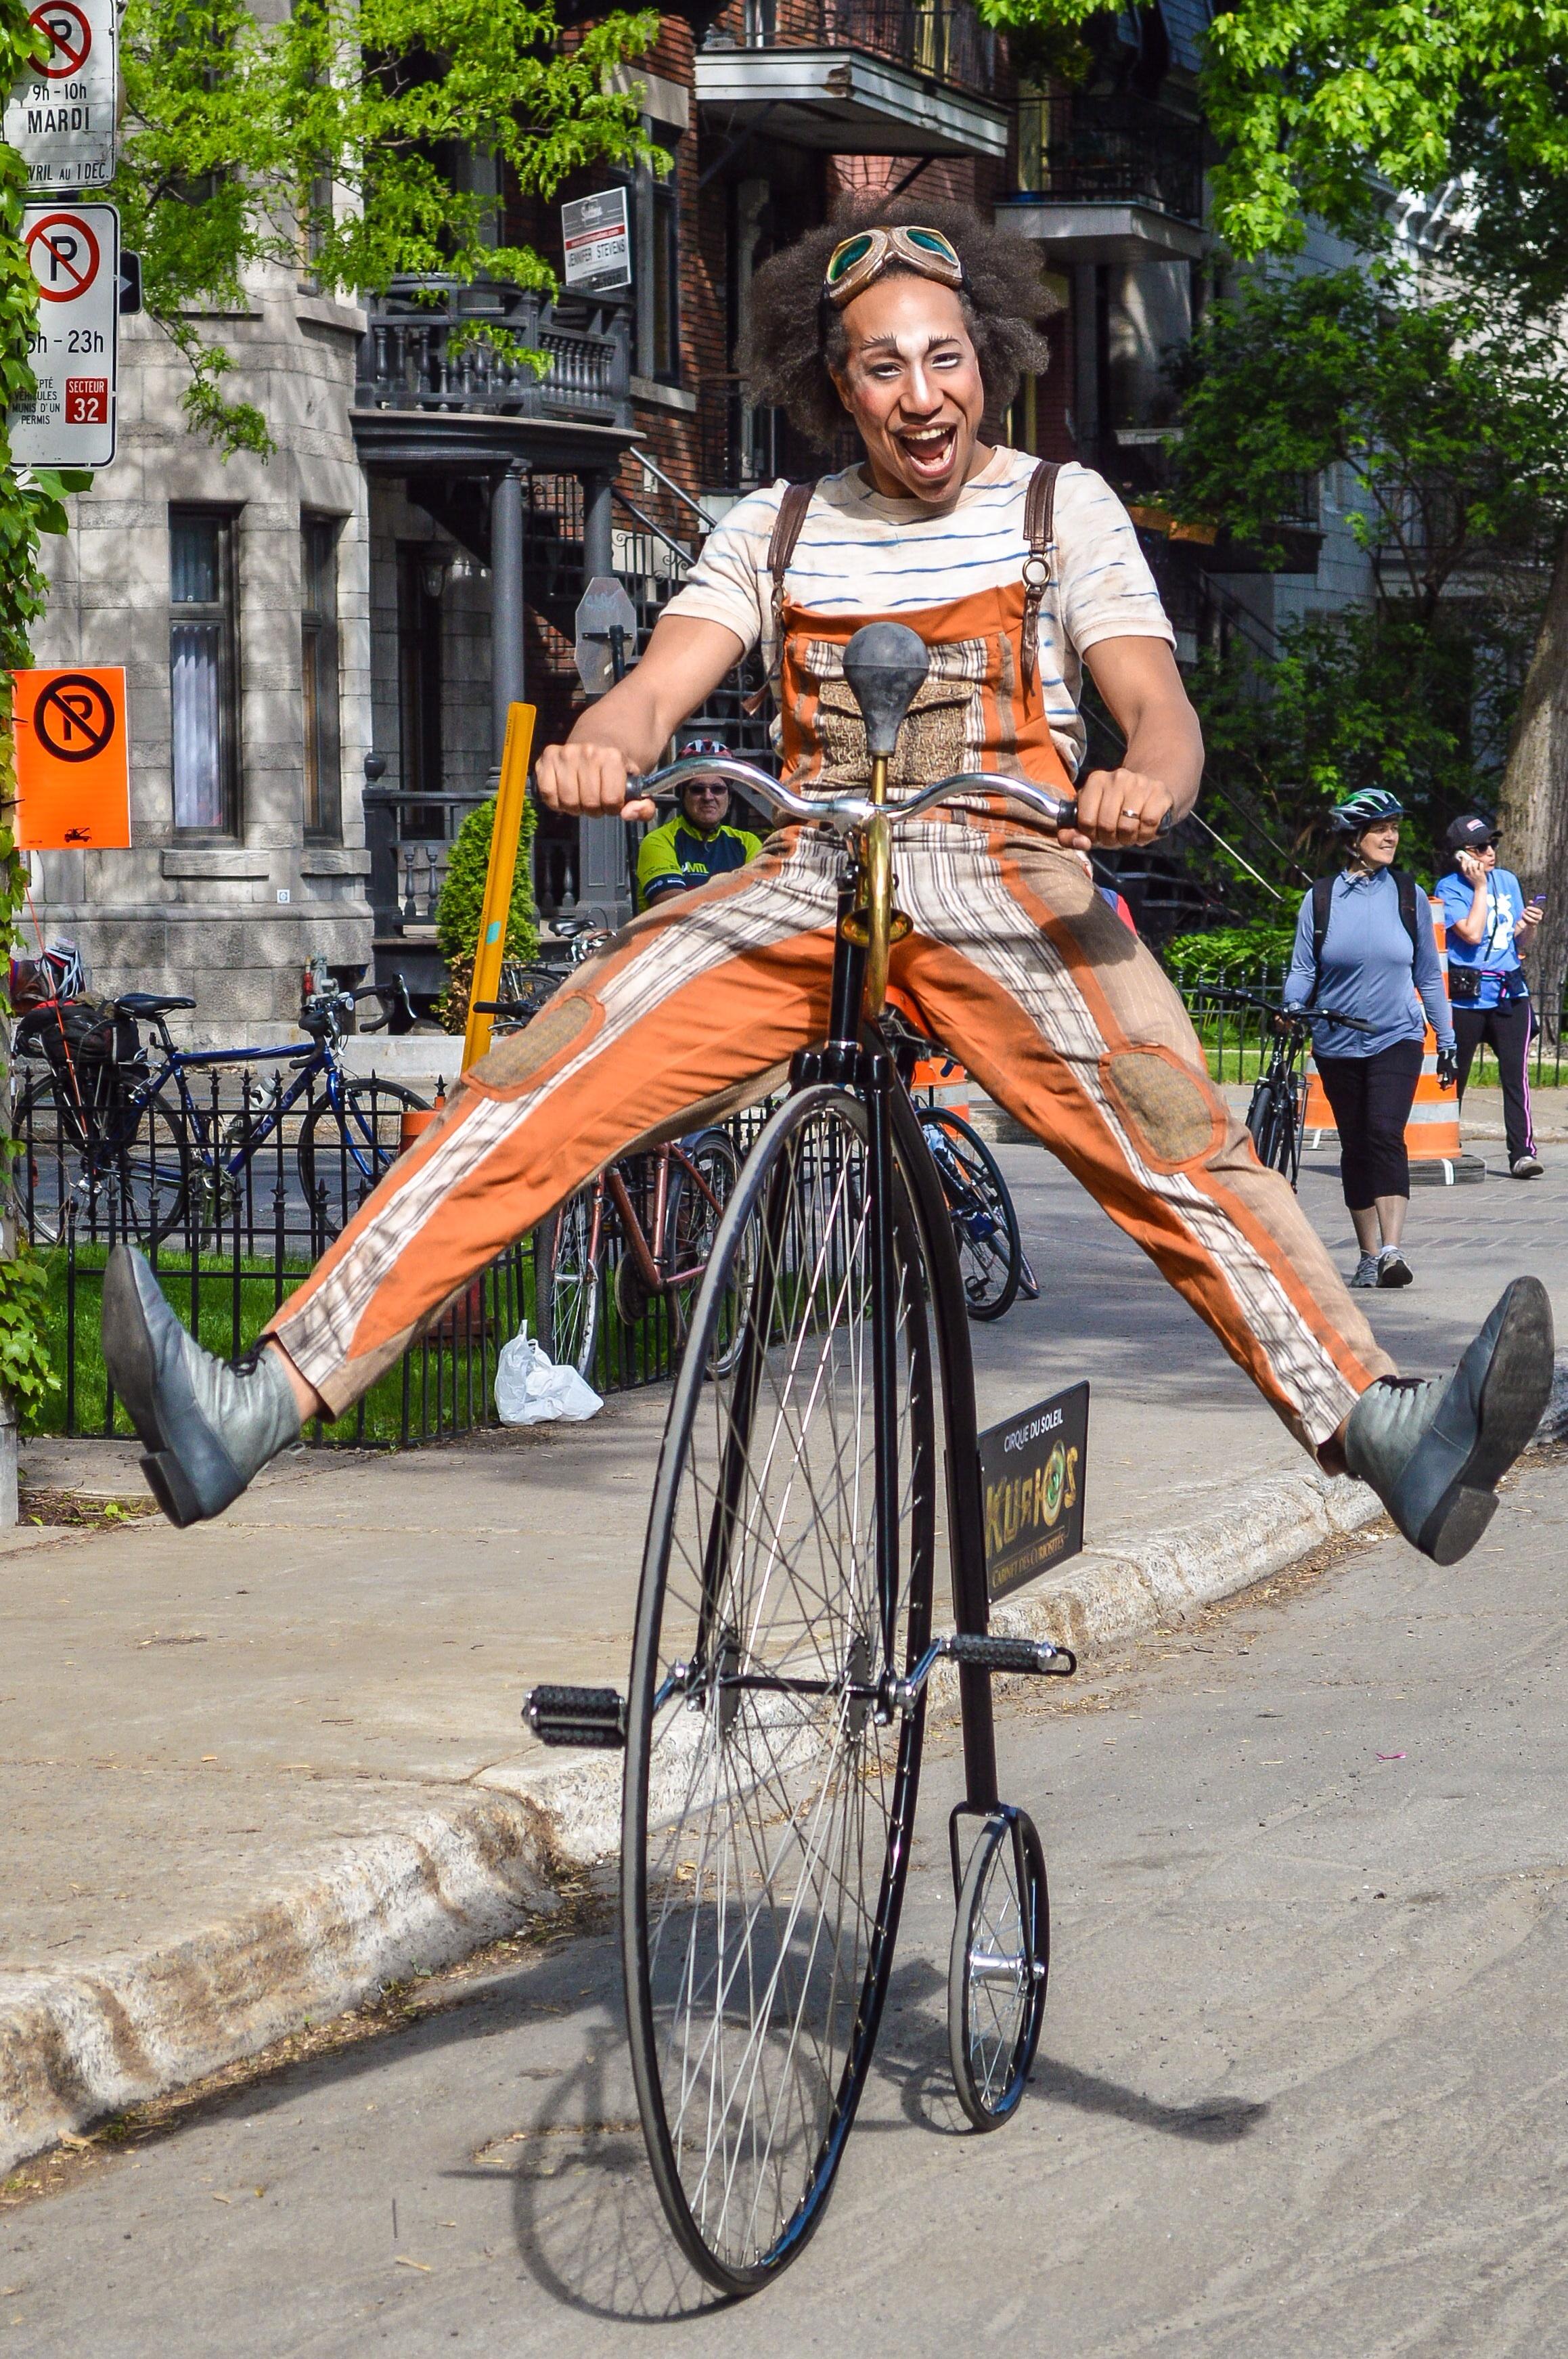 A performer from Cirque de Soleil at the Tour de L'Ile.